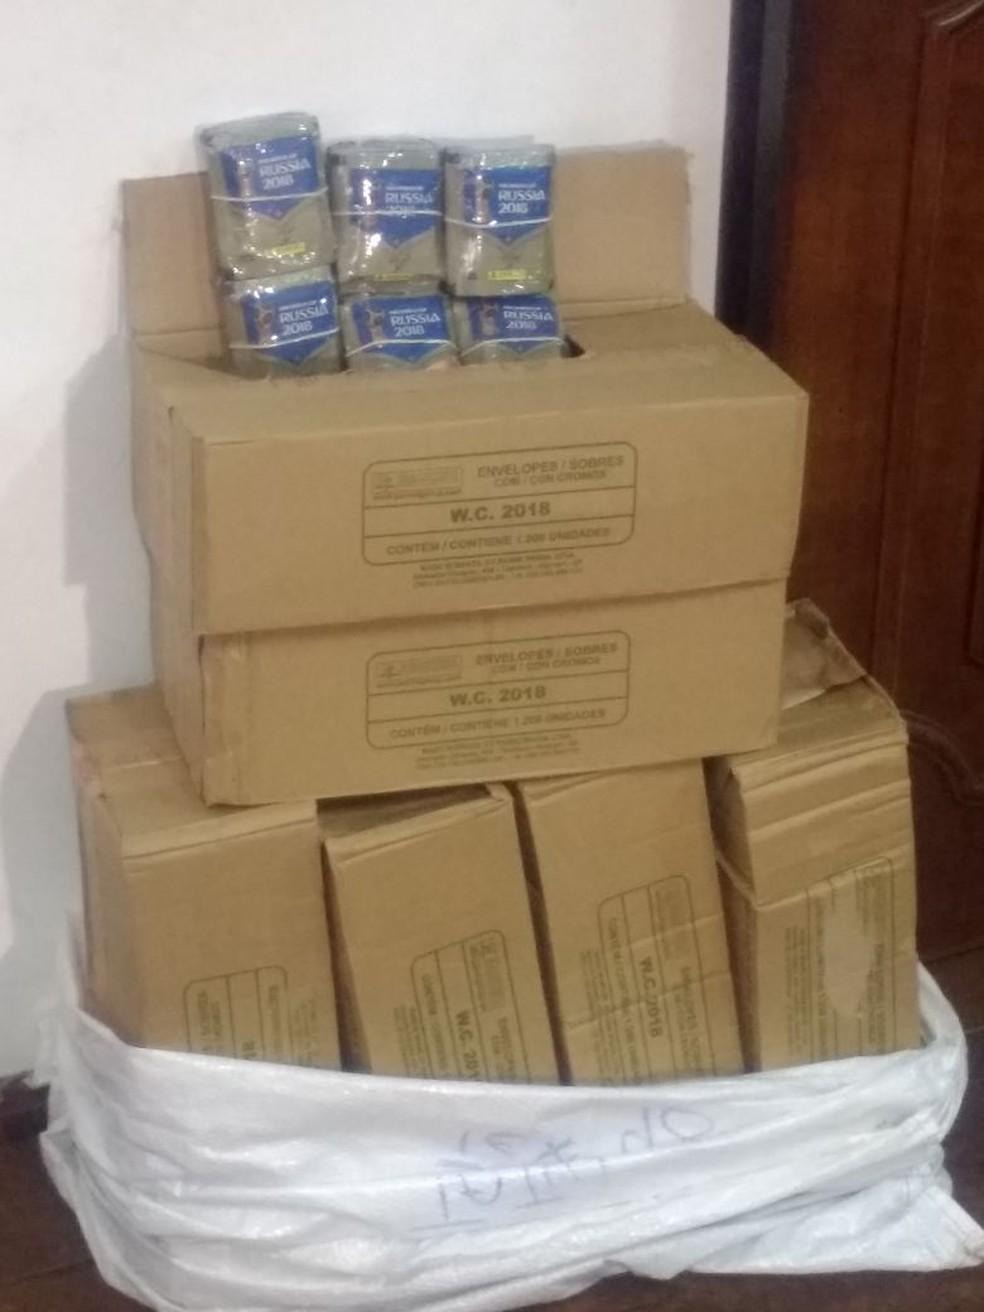 Caixas com 6 mil figurinhas da Copa do Mundo foram furtadas de empresa (Foto: Thiago Vasconcelos/TV TEM)